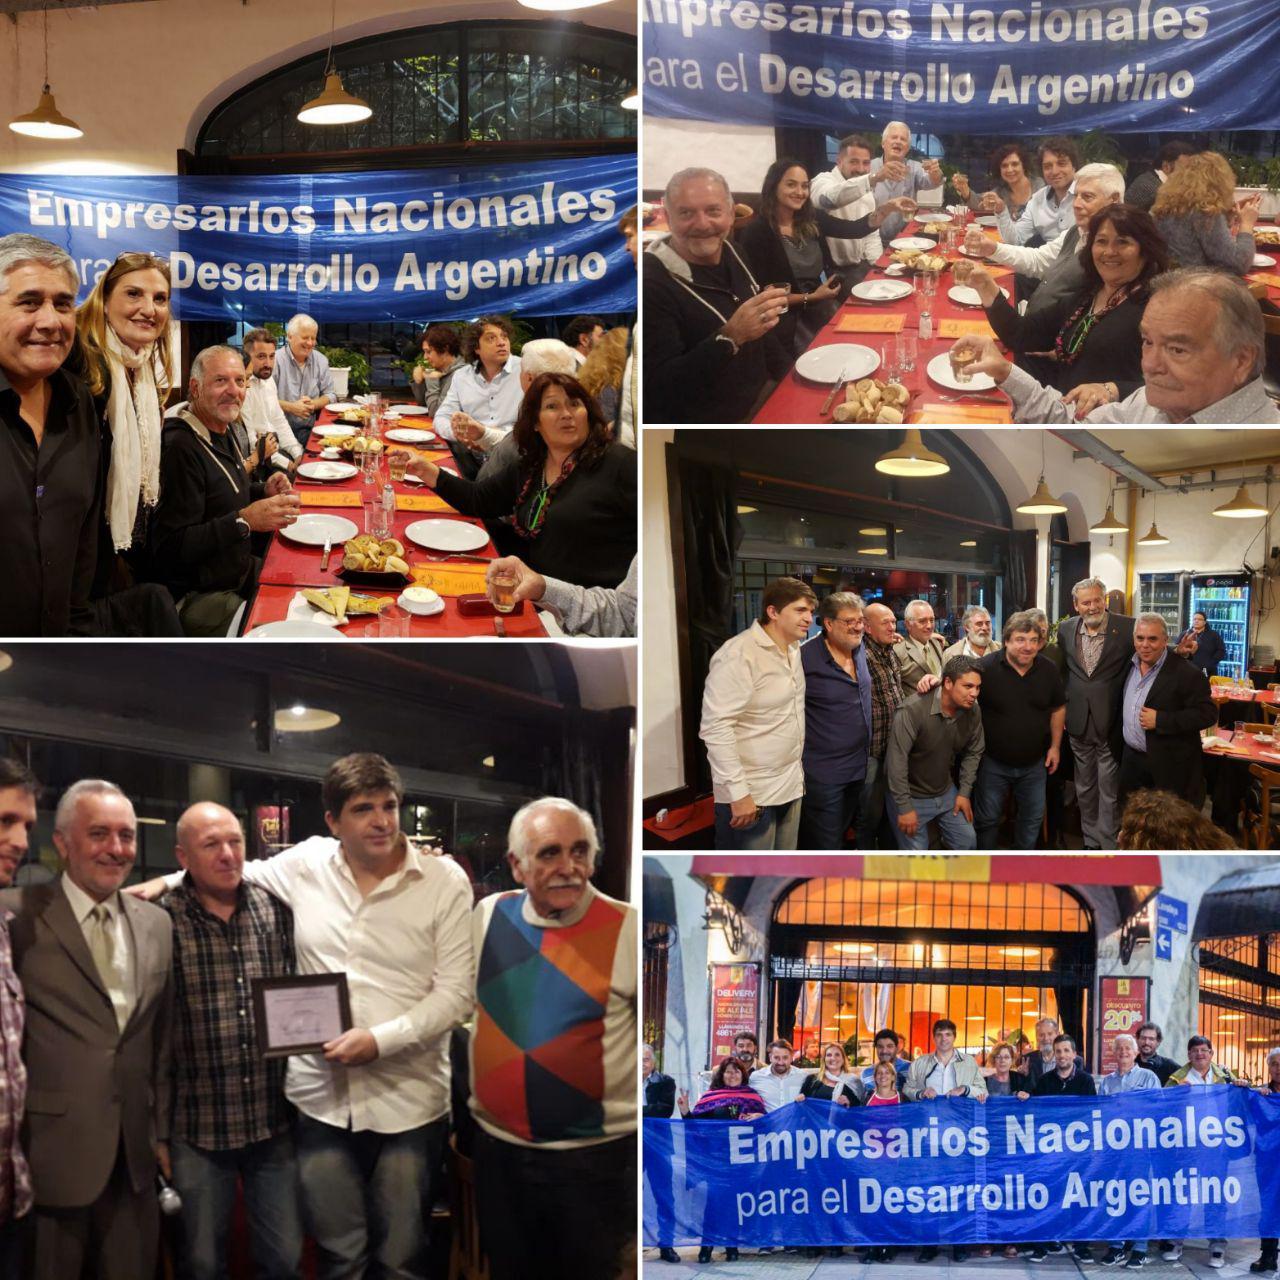 Premio azucena villaflor leo bilanski enac 002